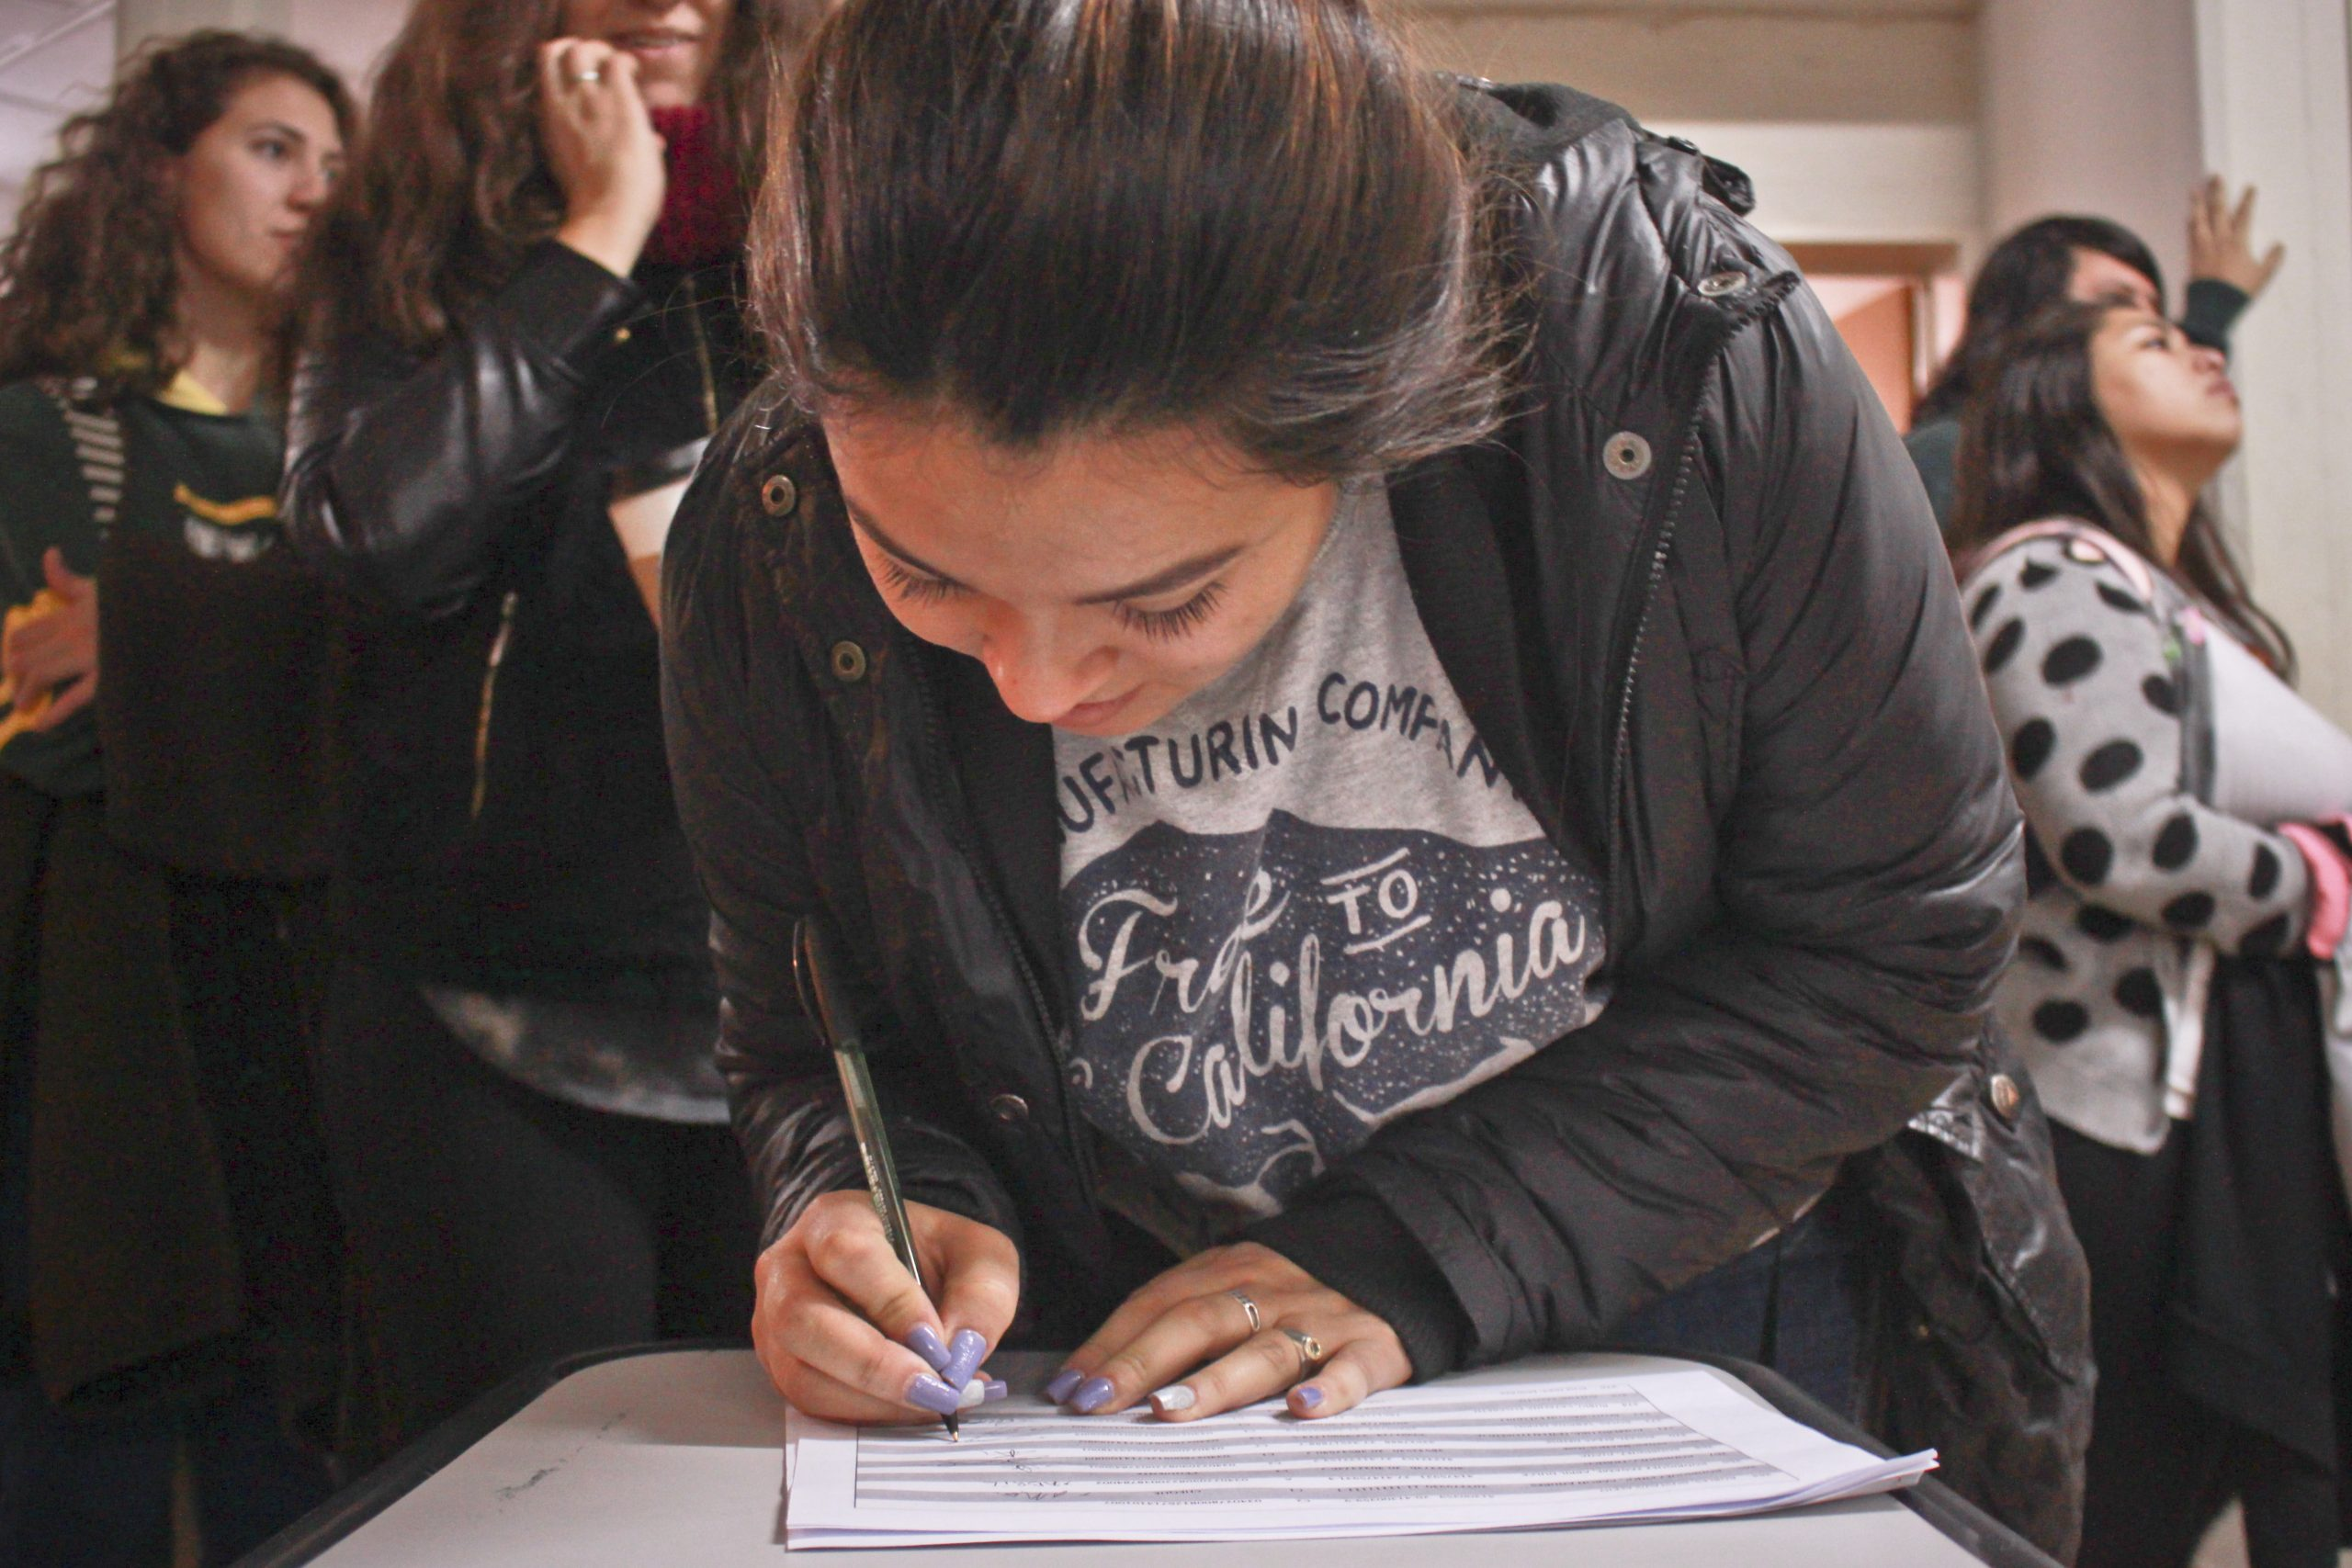 beca firma de estudiante